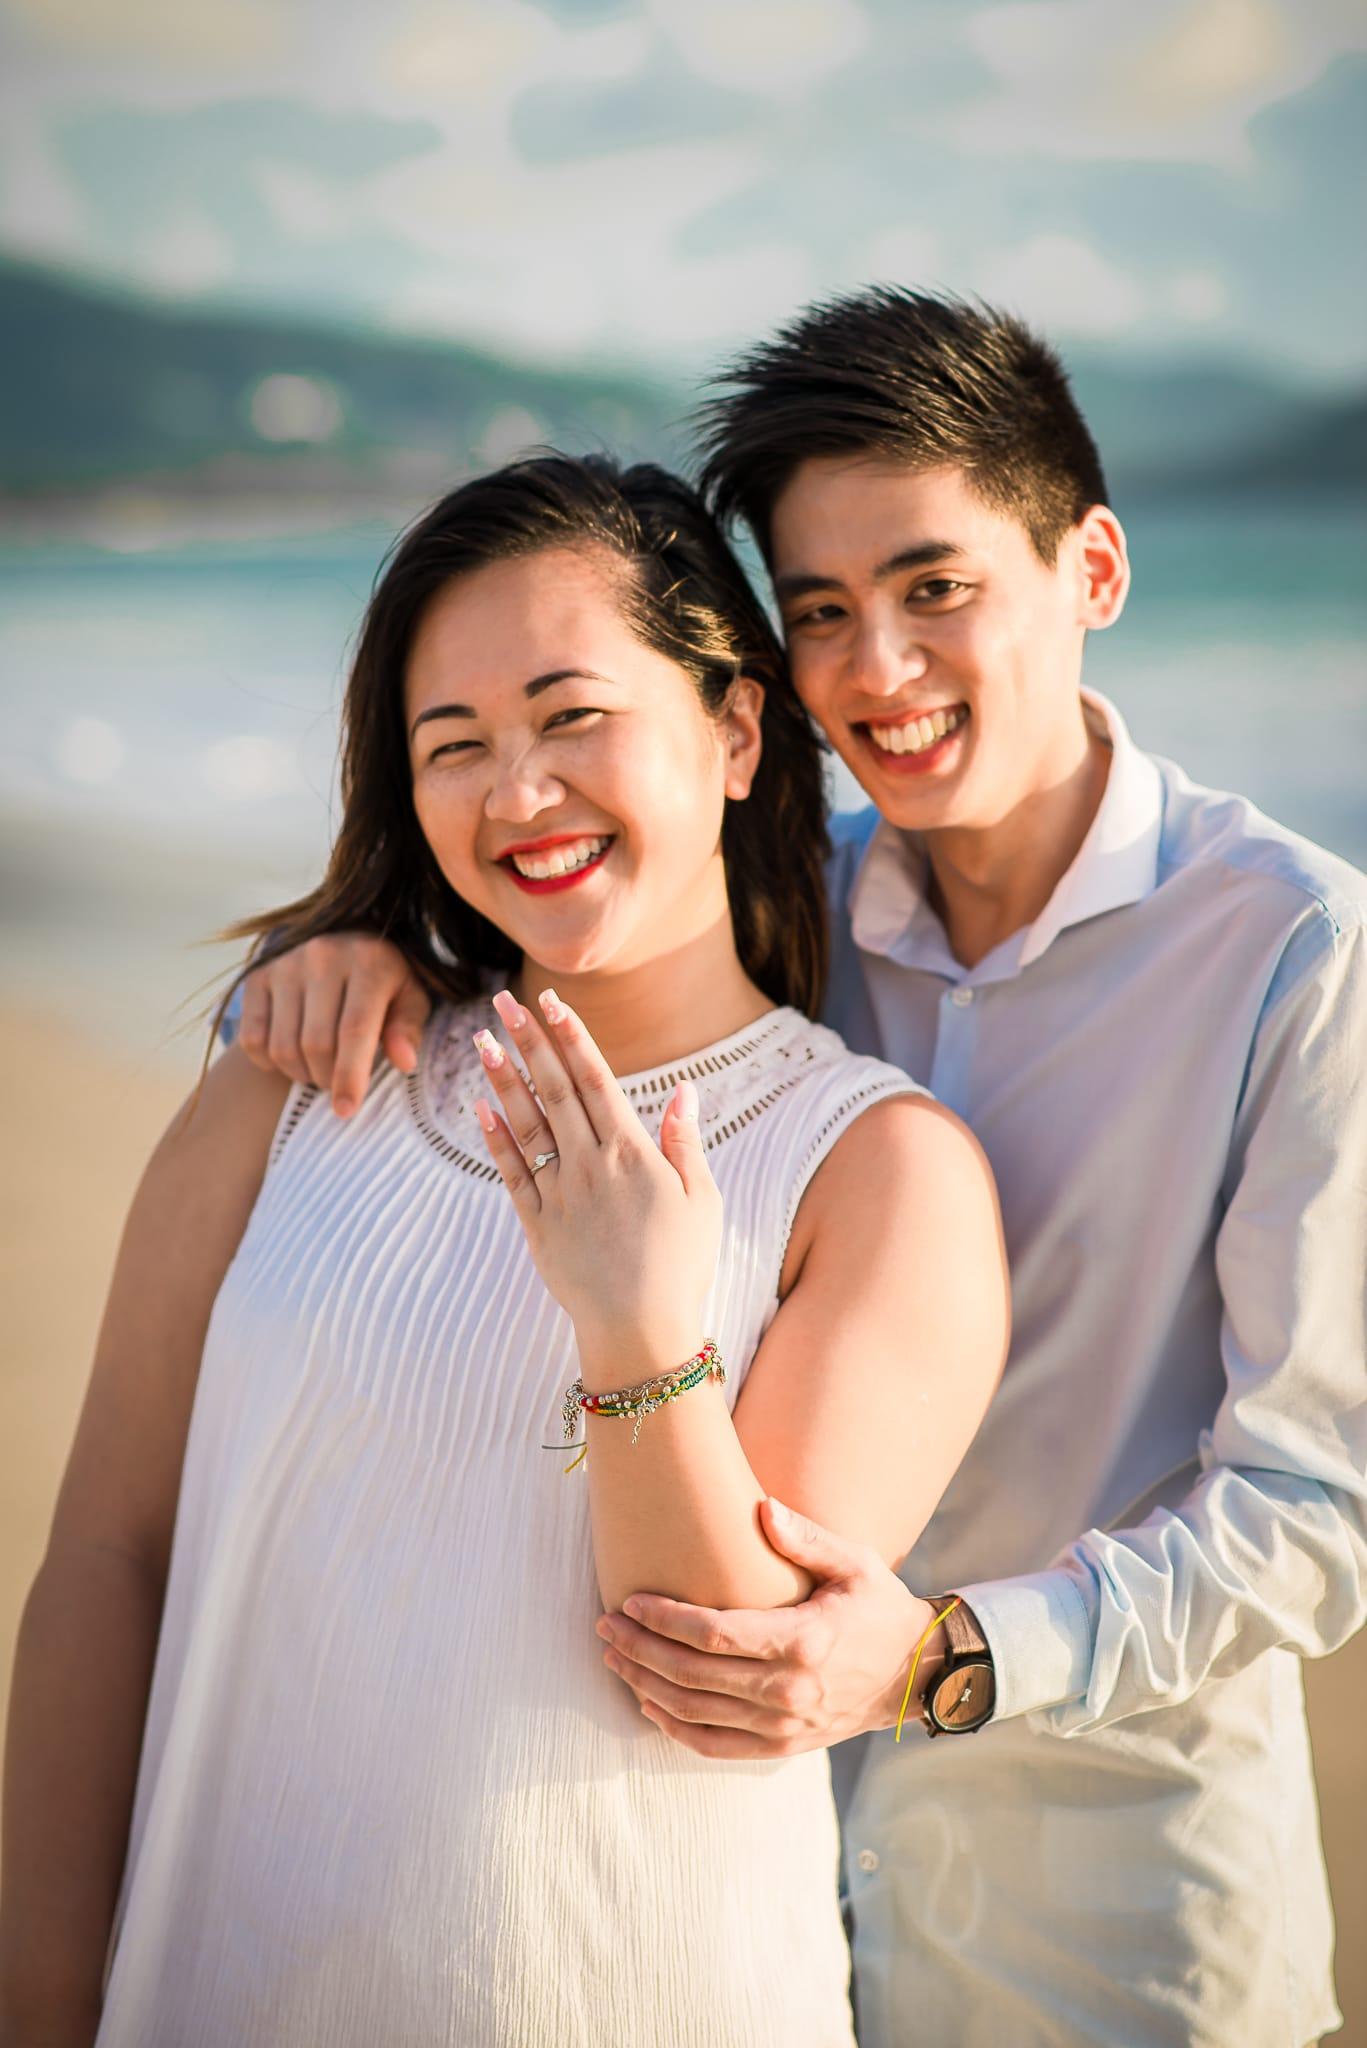 Ταϋλάνδη dating Πουκέτ